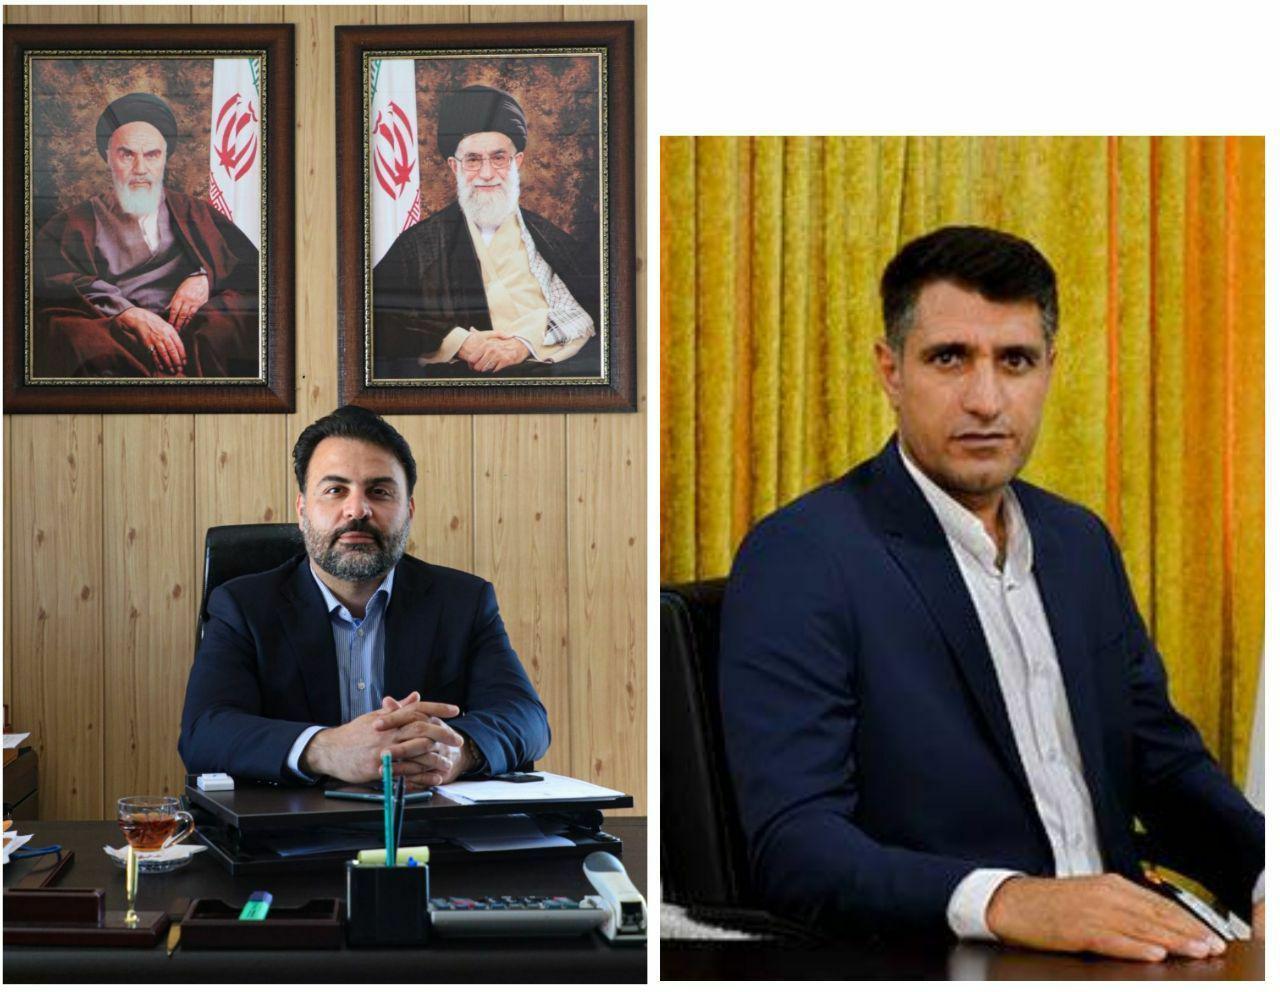 پیام تبریک شهردار و رئیس شورای اسلامی شهر پرند به مناسبت فرا رسیدن هفته ناجا